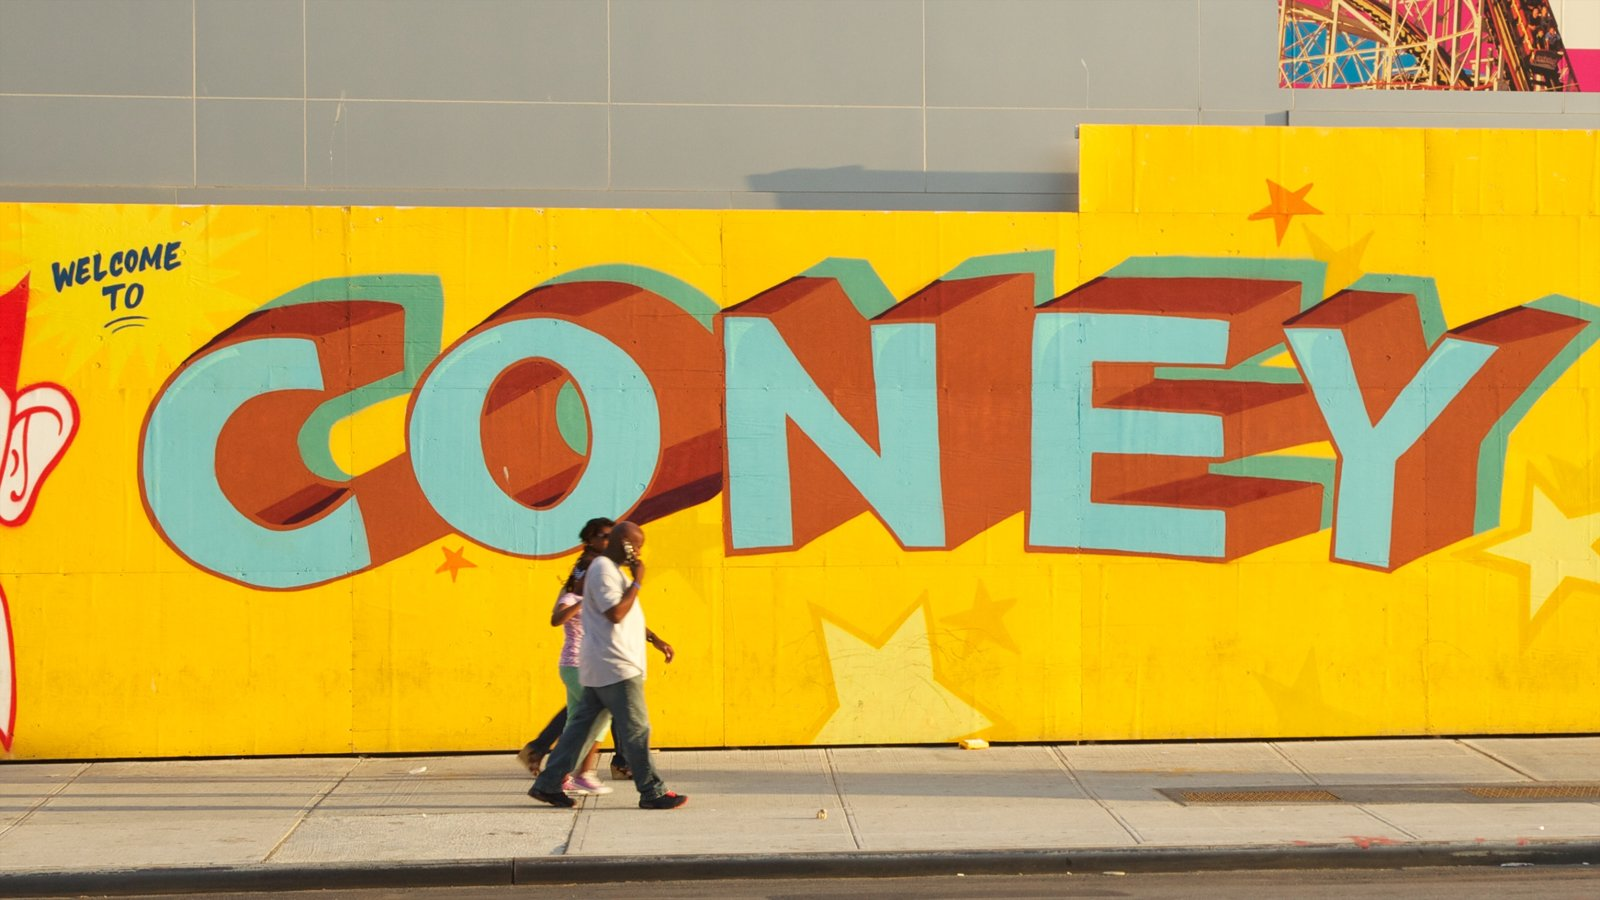 Coney Island caracterizando cenas de rua e sinalização assim como um casal